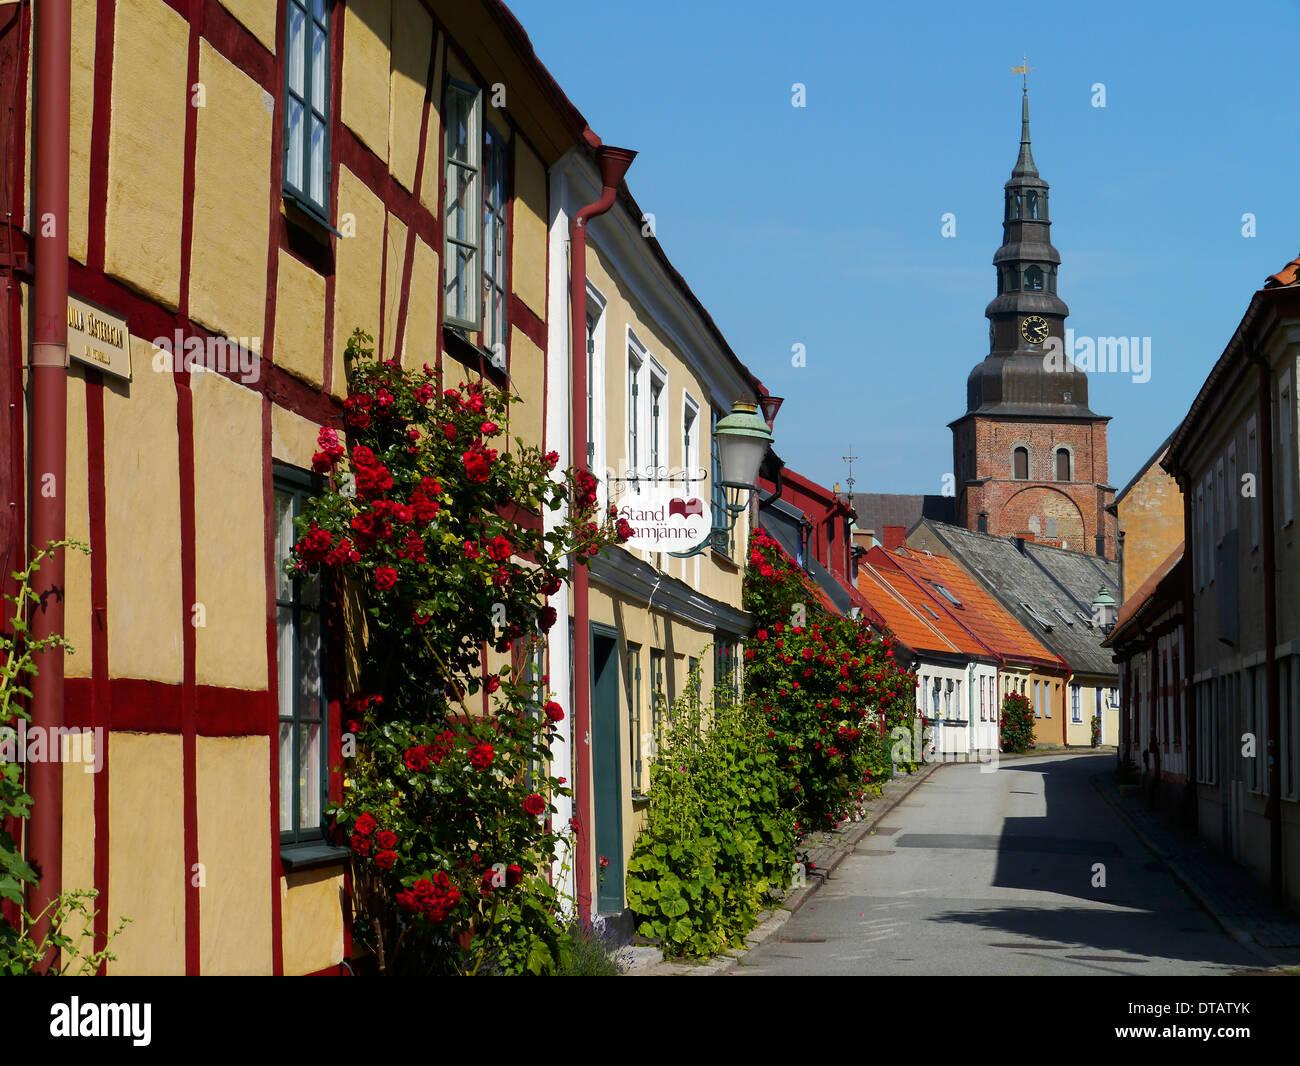 ystad, skåne, sweden - Stock Image